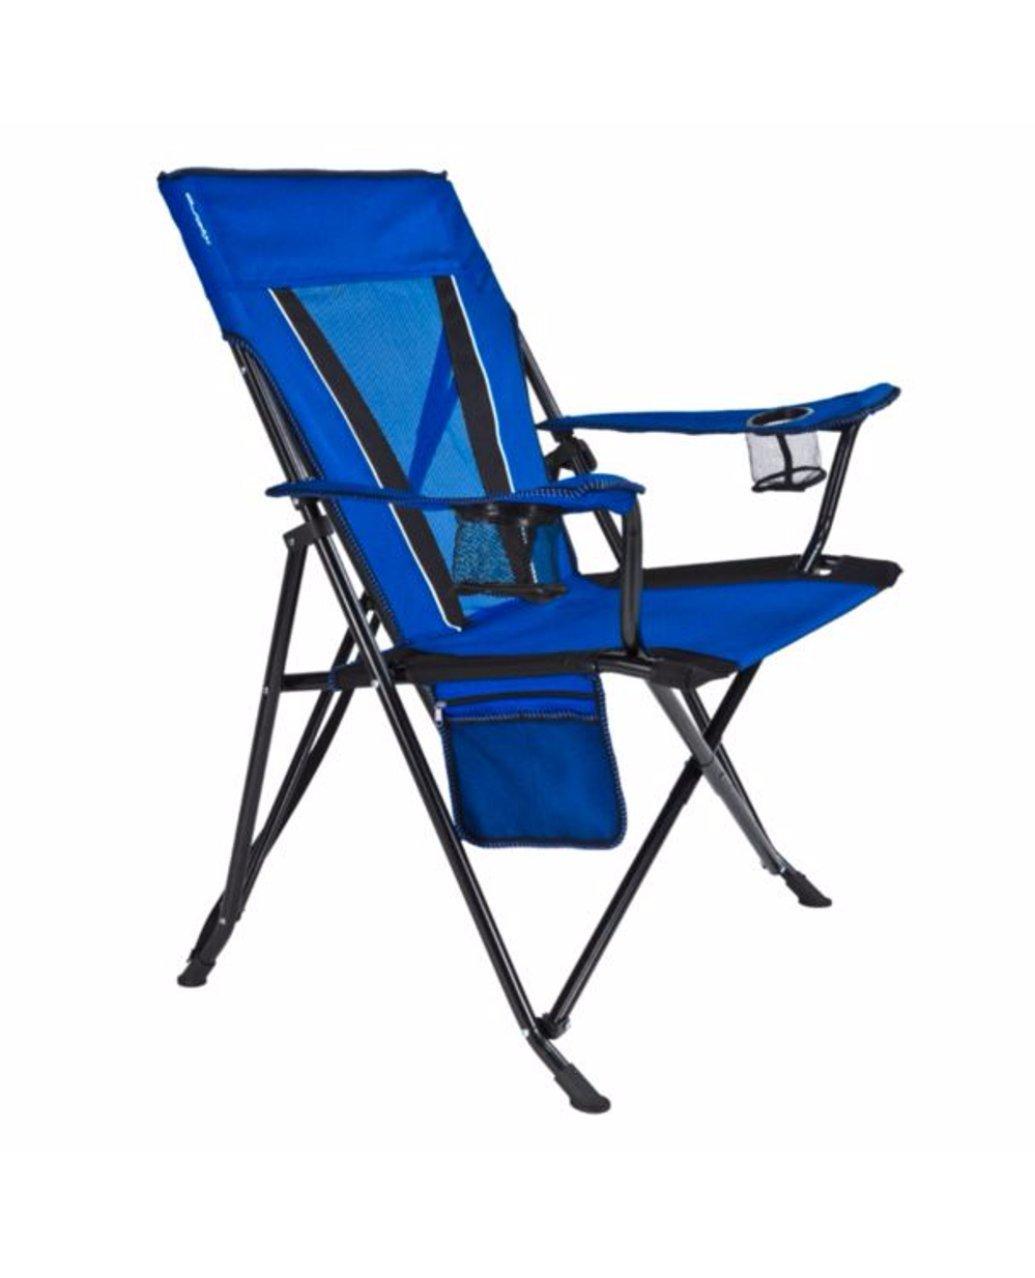 Kijaro Xxl Dual Lock Oversized Chair Maldives Blue pack 2